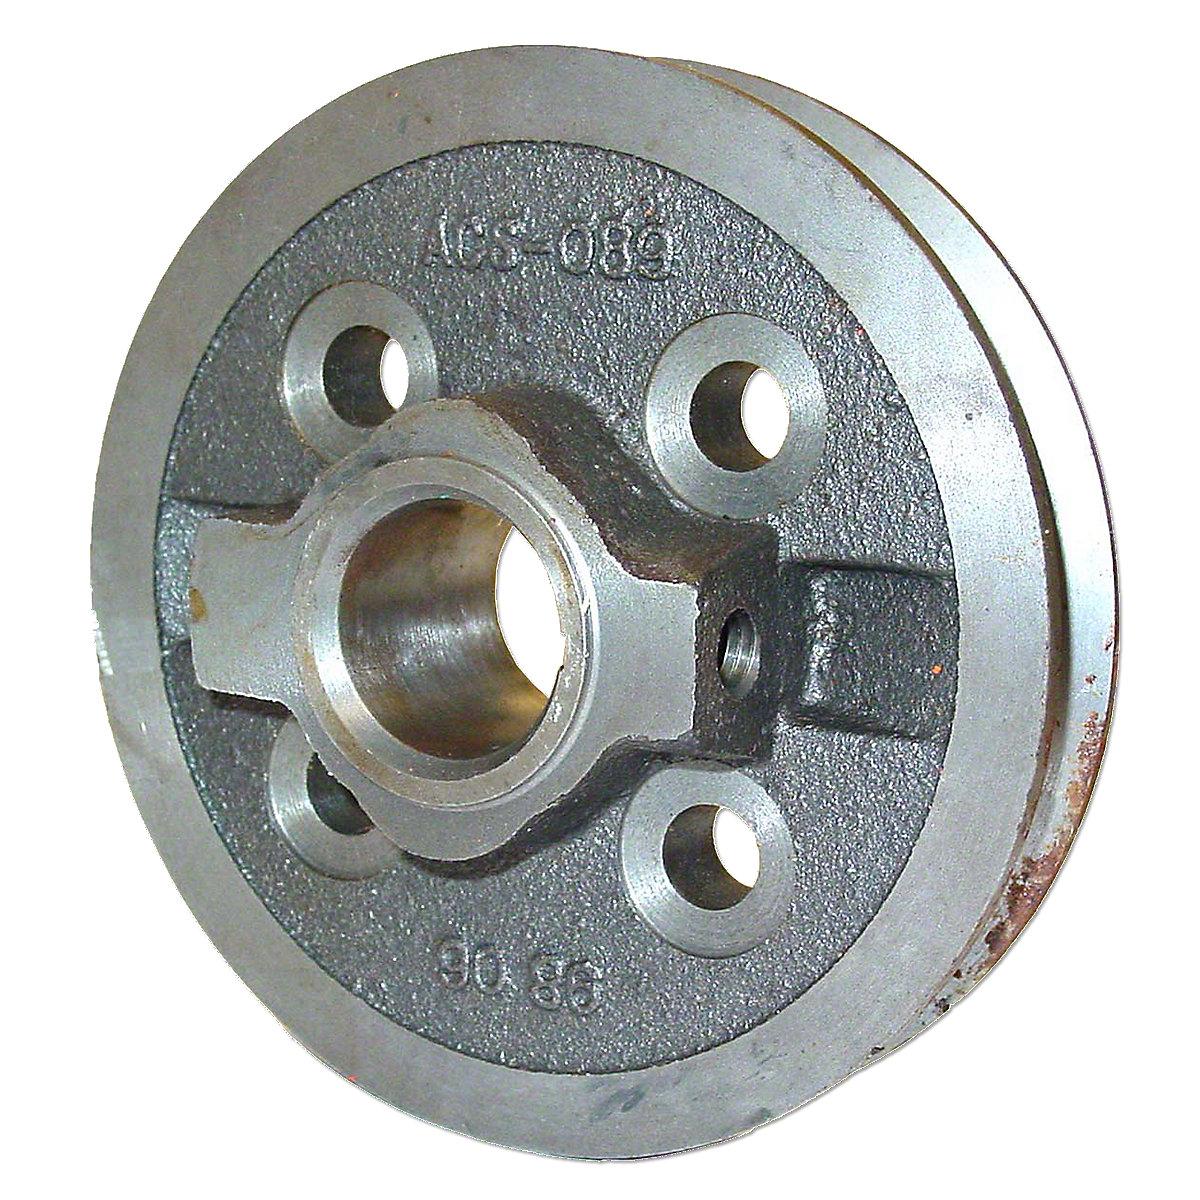 Crank Shaft Pulley For Allis Chalmers: B, C, IB, CA, D10, D12, D14